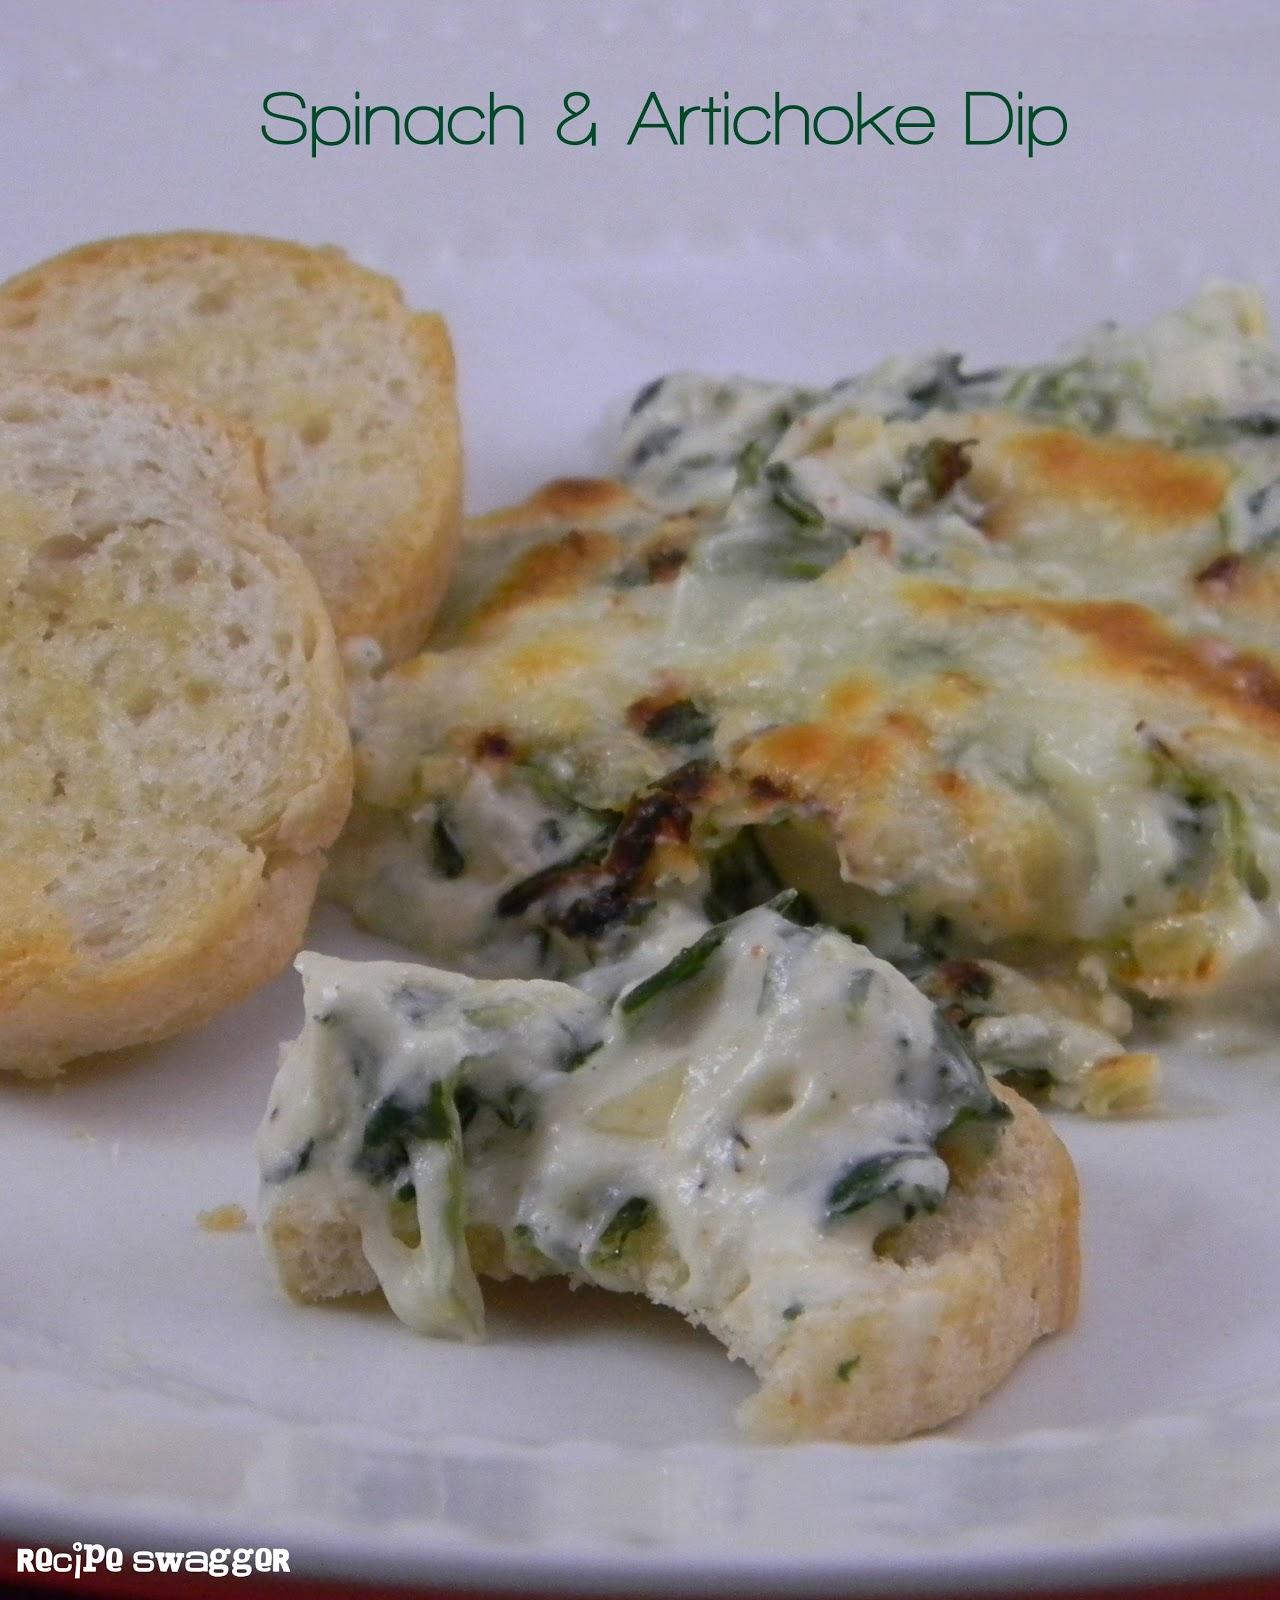 Recipe Swagger: Spinach & Artichoke Dip